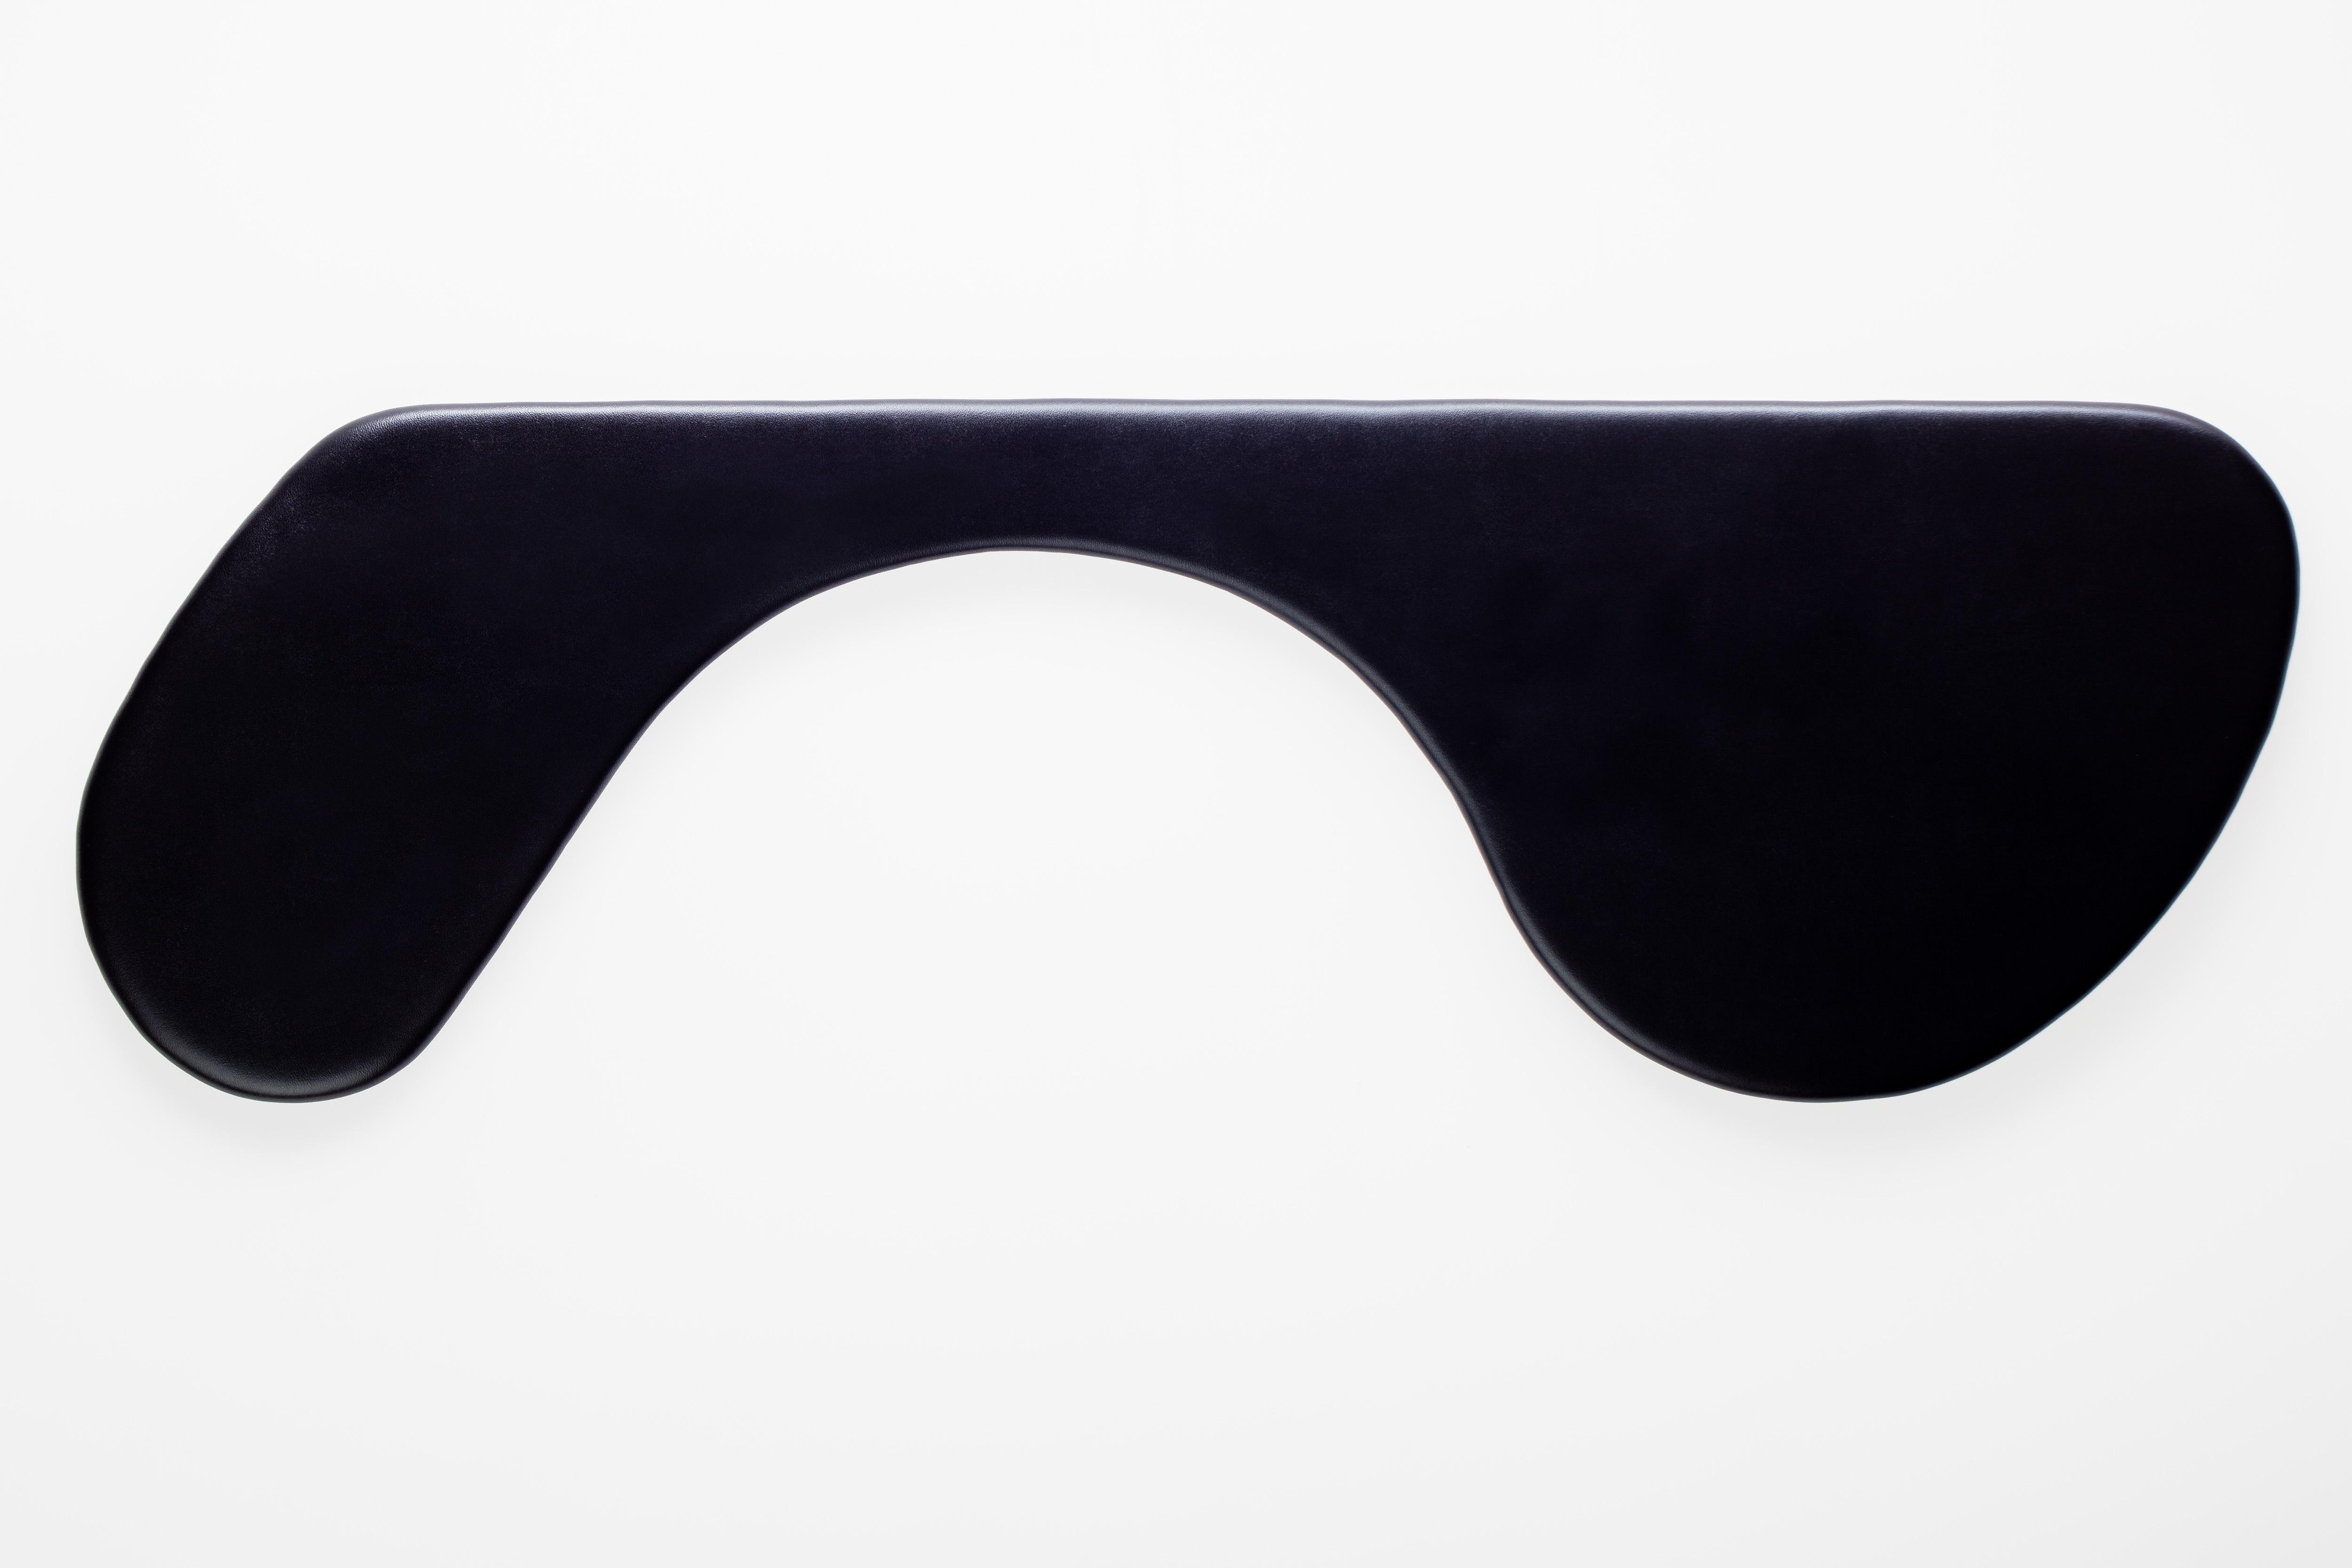 Kyynärtuki PRO Ultra Slim, musta 410395